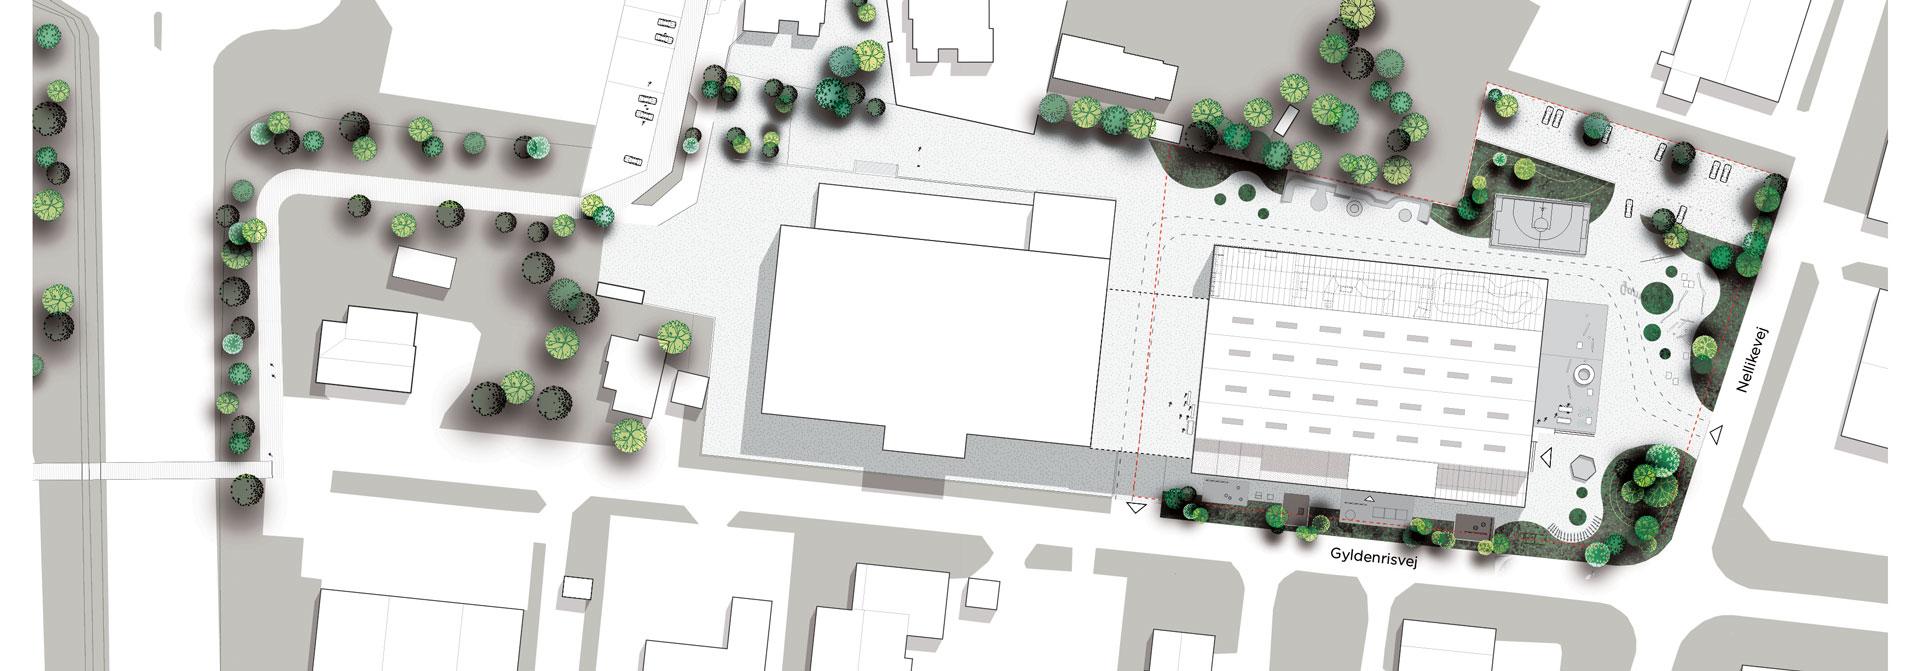 EFFEKT_Streetmekka-Viborg_01_c_EFFEKT_Siteplan